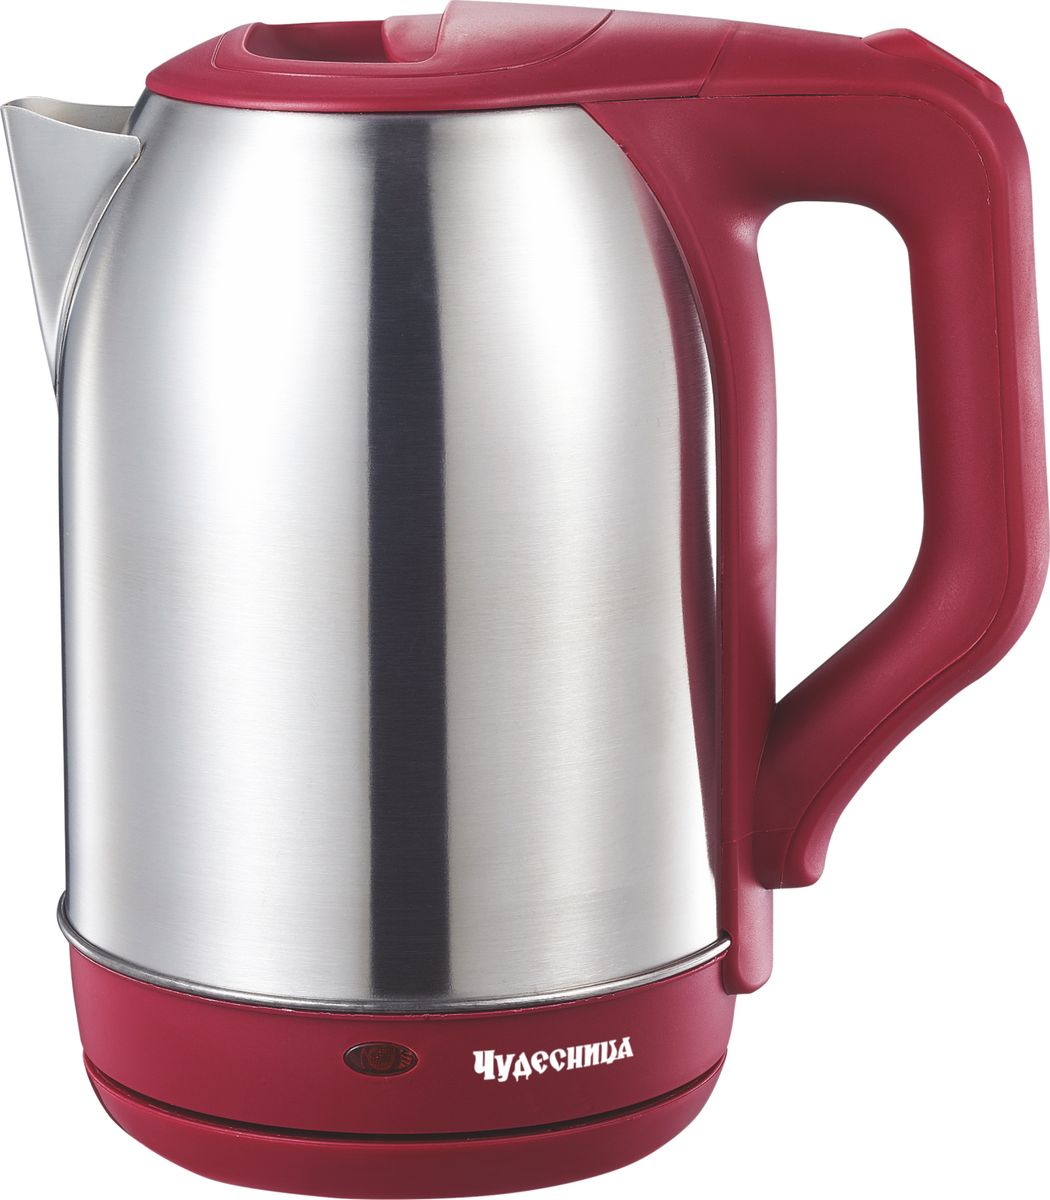 Электрический чайник Чудесница ЭЧ-2023, Red чайник чудесница эч 2004 brown